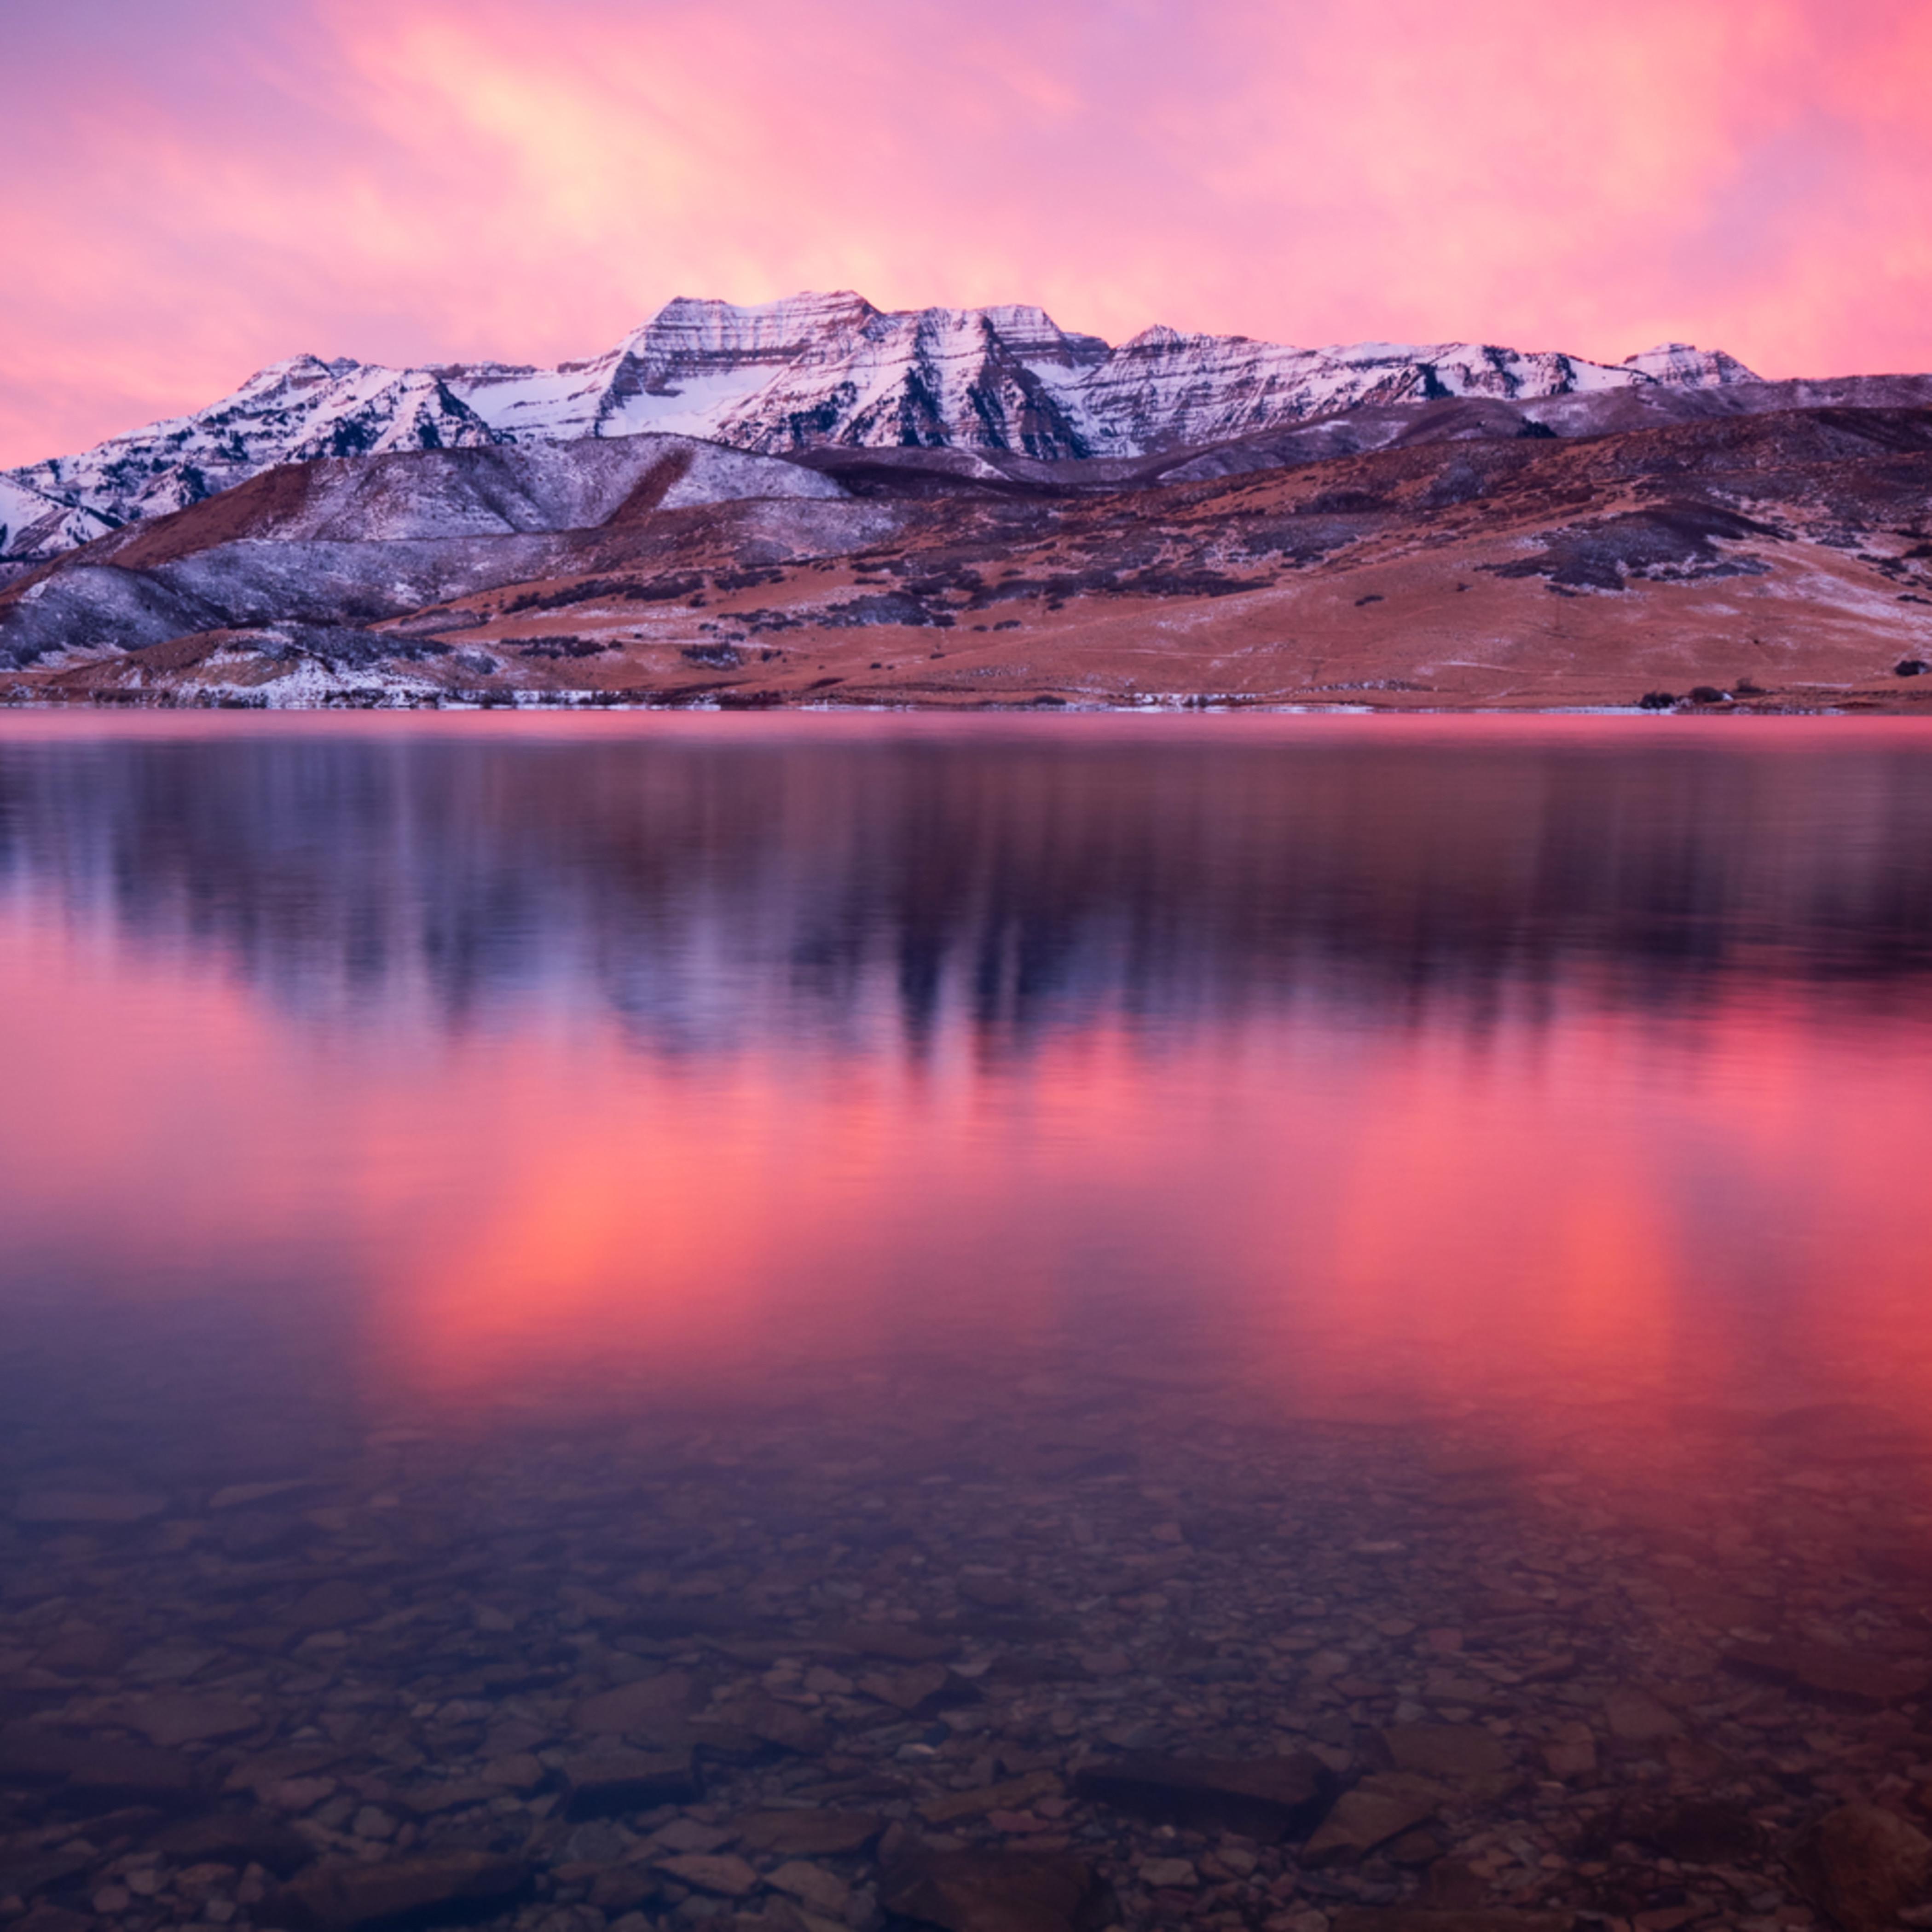 Vertical winter timp reflection fovlst